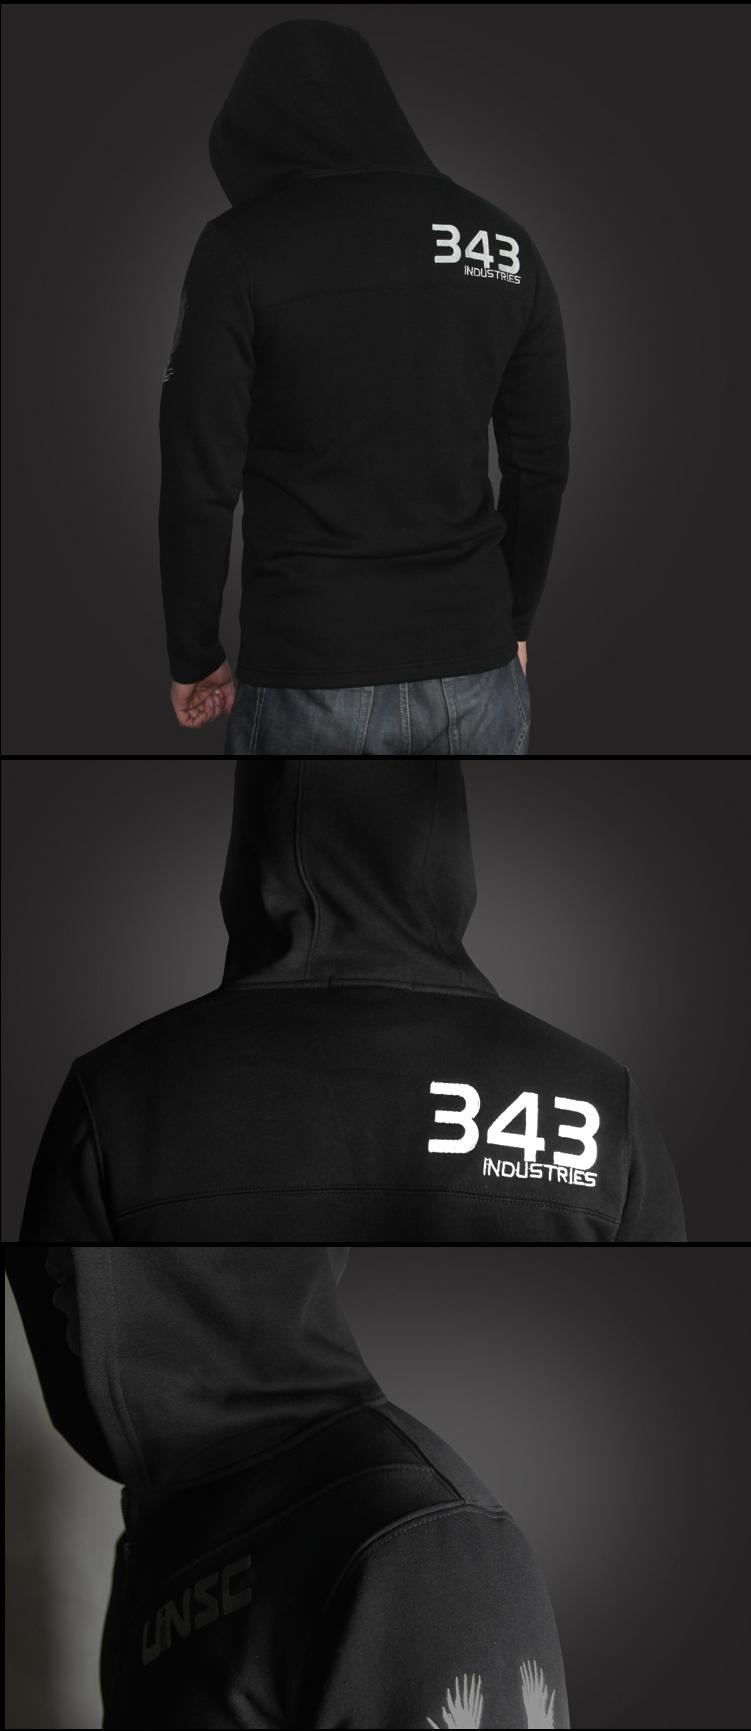 Unsc hoodie